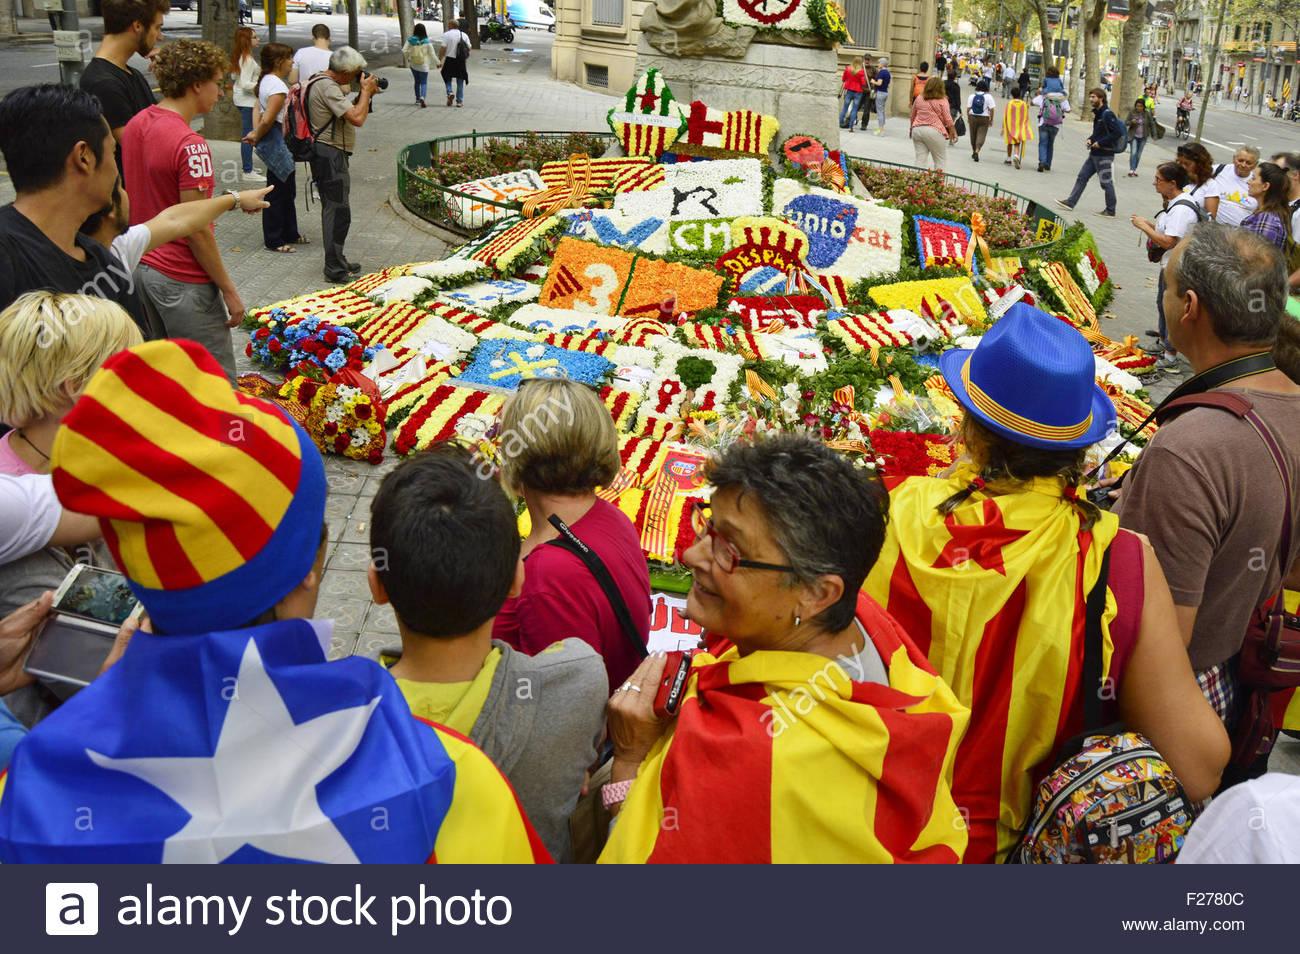 Memorial de guirlandes personnes rassemblement sur 'Journée nationale de la Catalogne' 11.9.2015 à Photo Stock